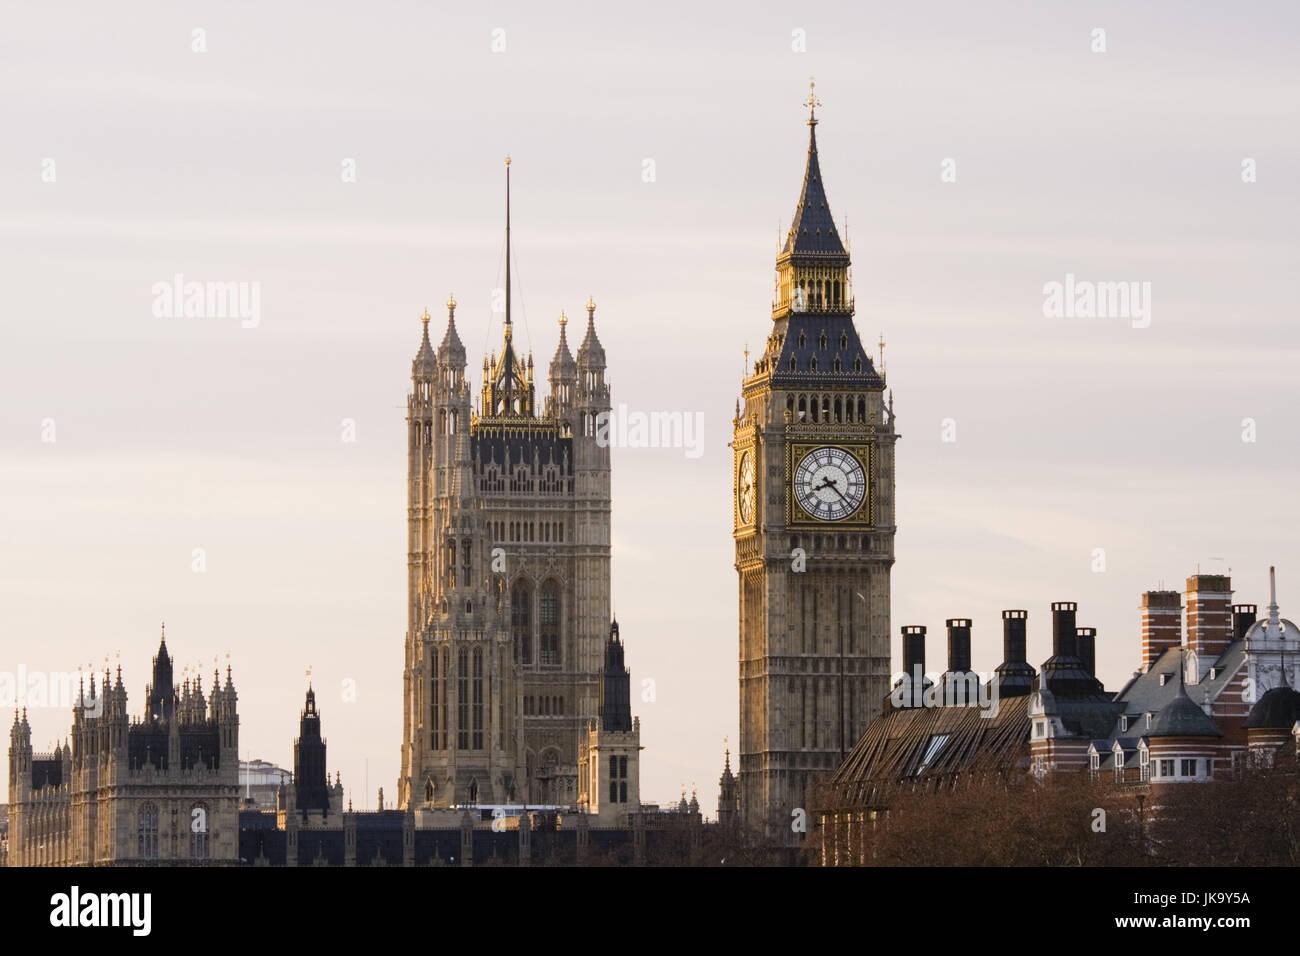 Großbritannien, England, London, Houses of Parliament, Big Ben, Victoria Tower, Morgen, Europa, Stadt, Hauptstadtkulturfonds, Stockbild